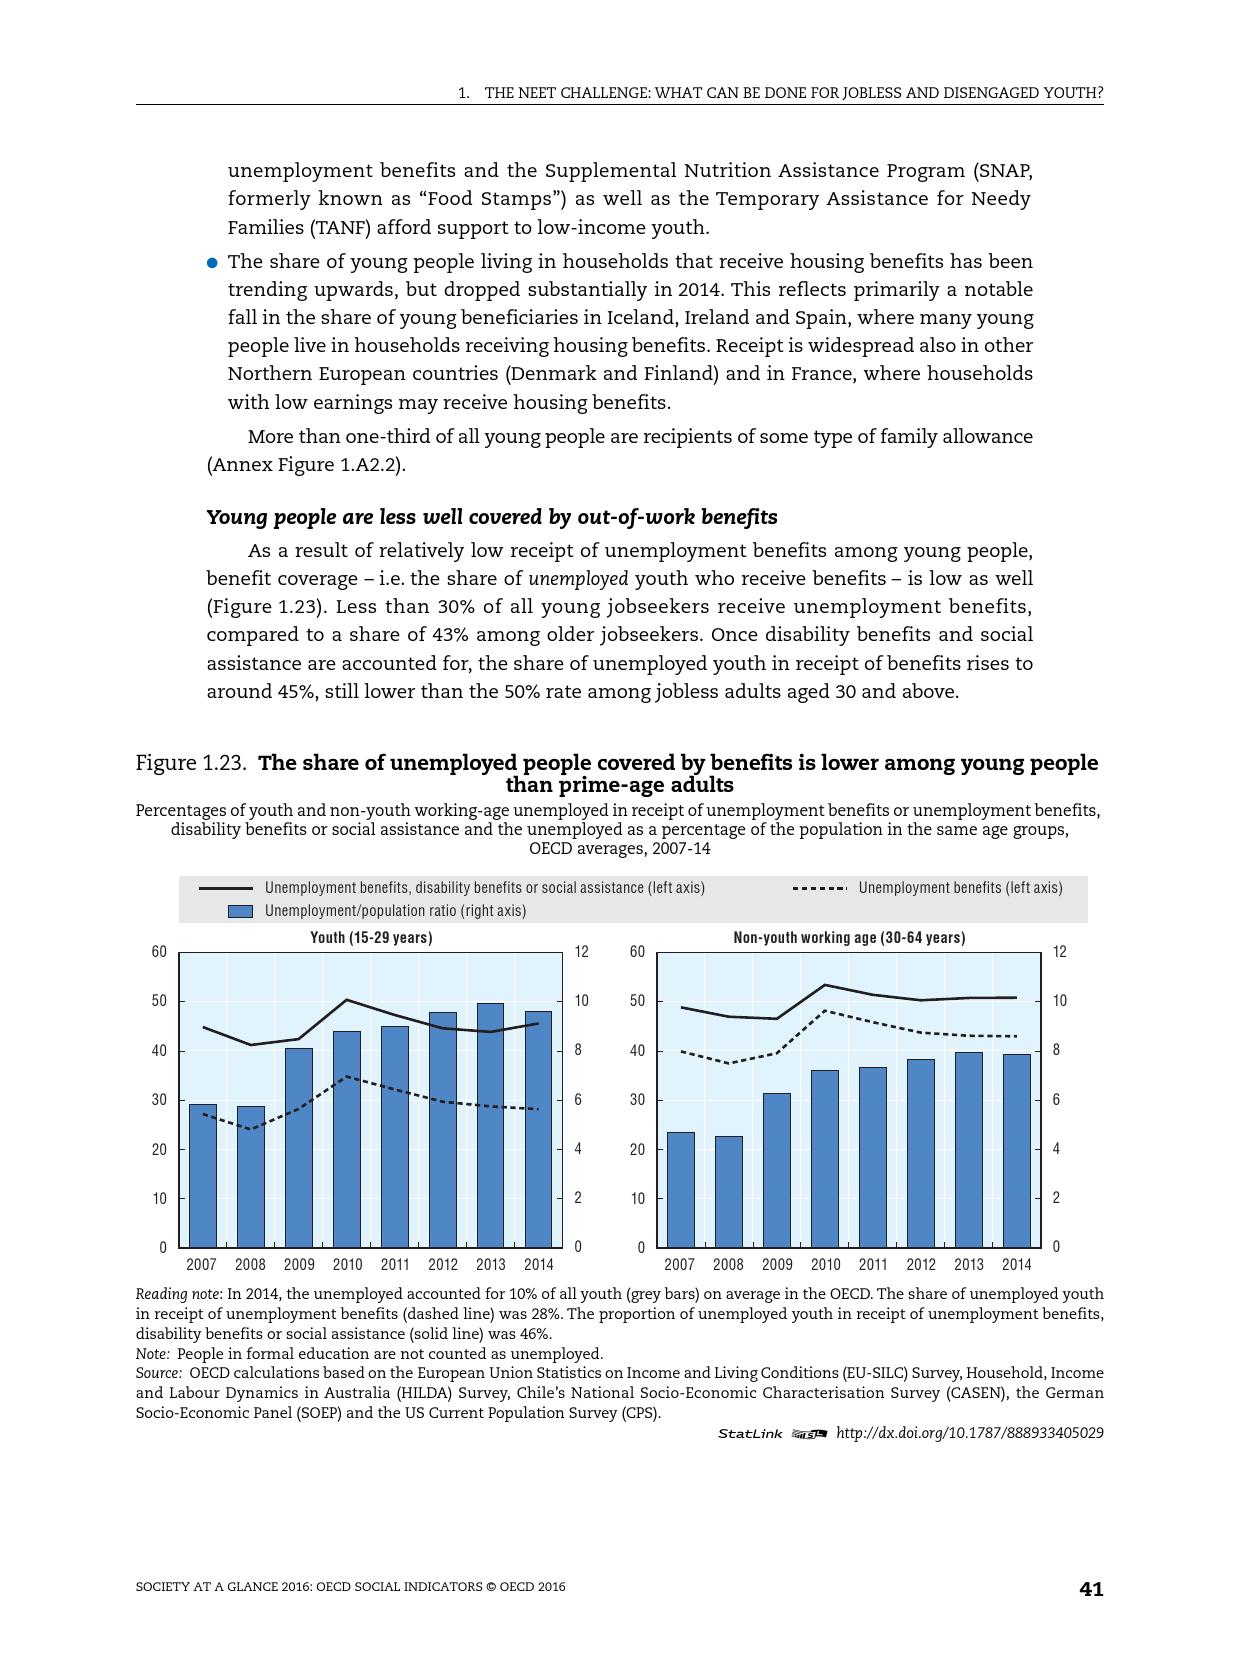 2016年OECD国家社会概览报告_000043